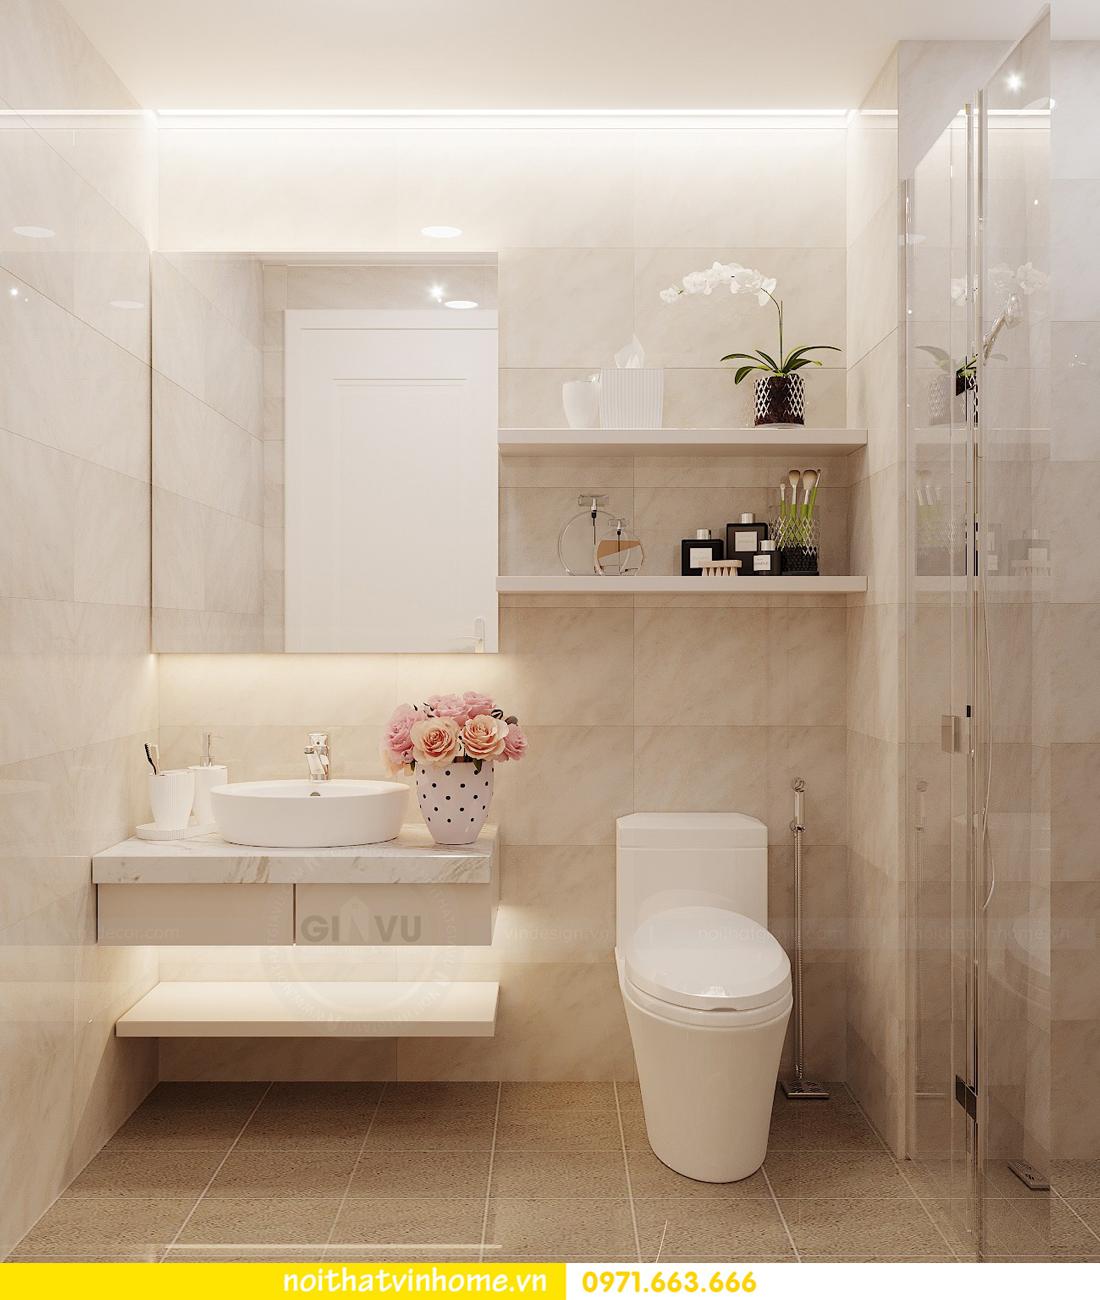 thiết kế nội thất chung cư Vinhomes Green Bay căn G210 nhà chị Phương 12